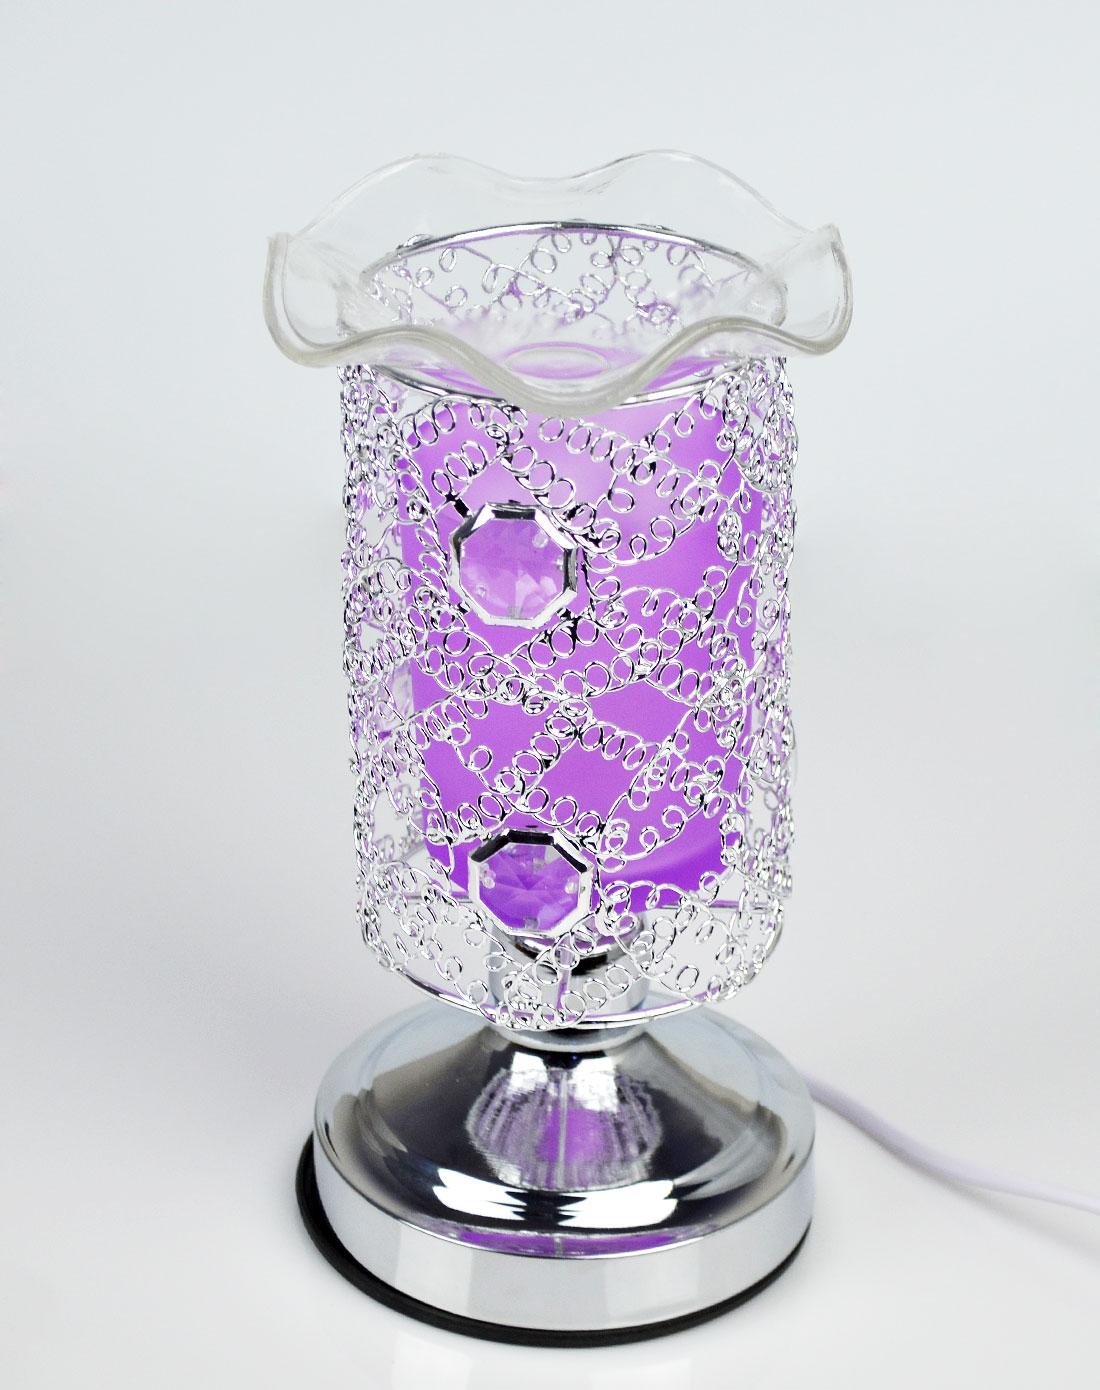 蝴蝶网圆形感应香水夜灯(紫色)